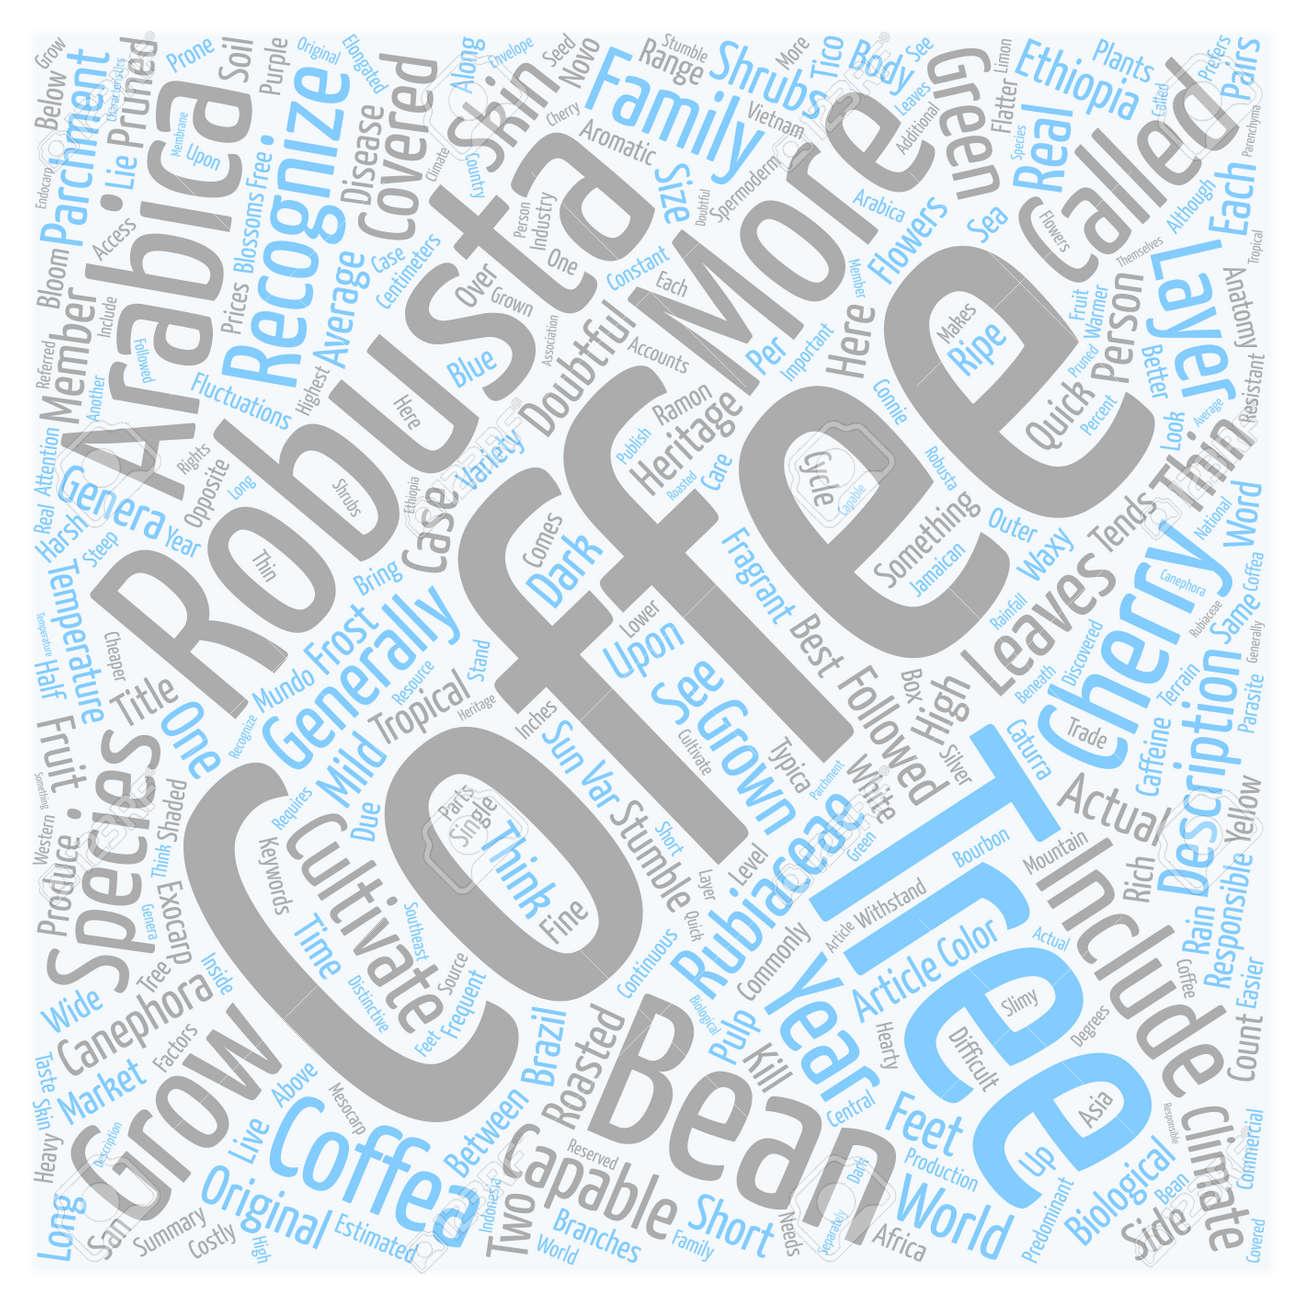 La Anatomía De Un árbol De Café De Texto Concepto De Fondo Wordcloud ...